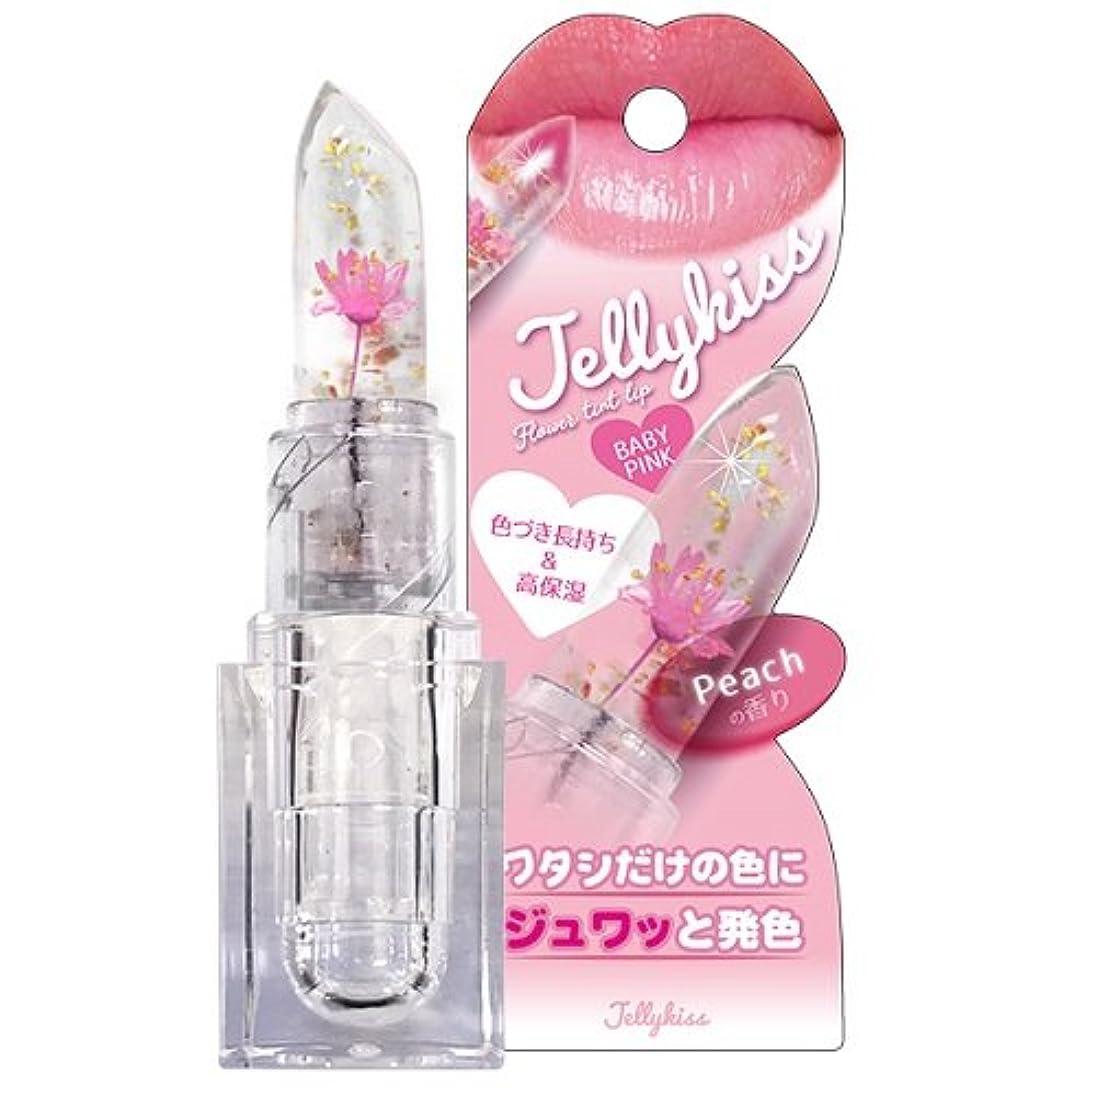 によって弾丸鰐ジェリキス (Jelly kiss) 03 ベビーピンク 3.5g